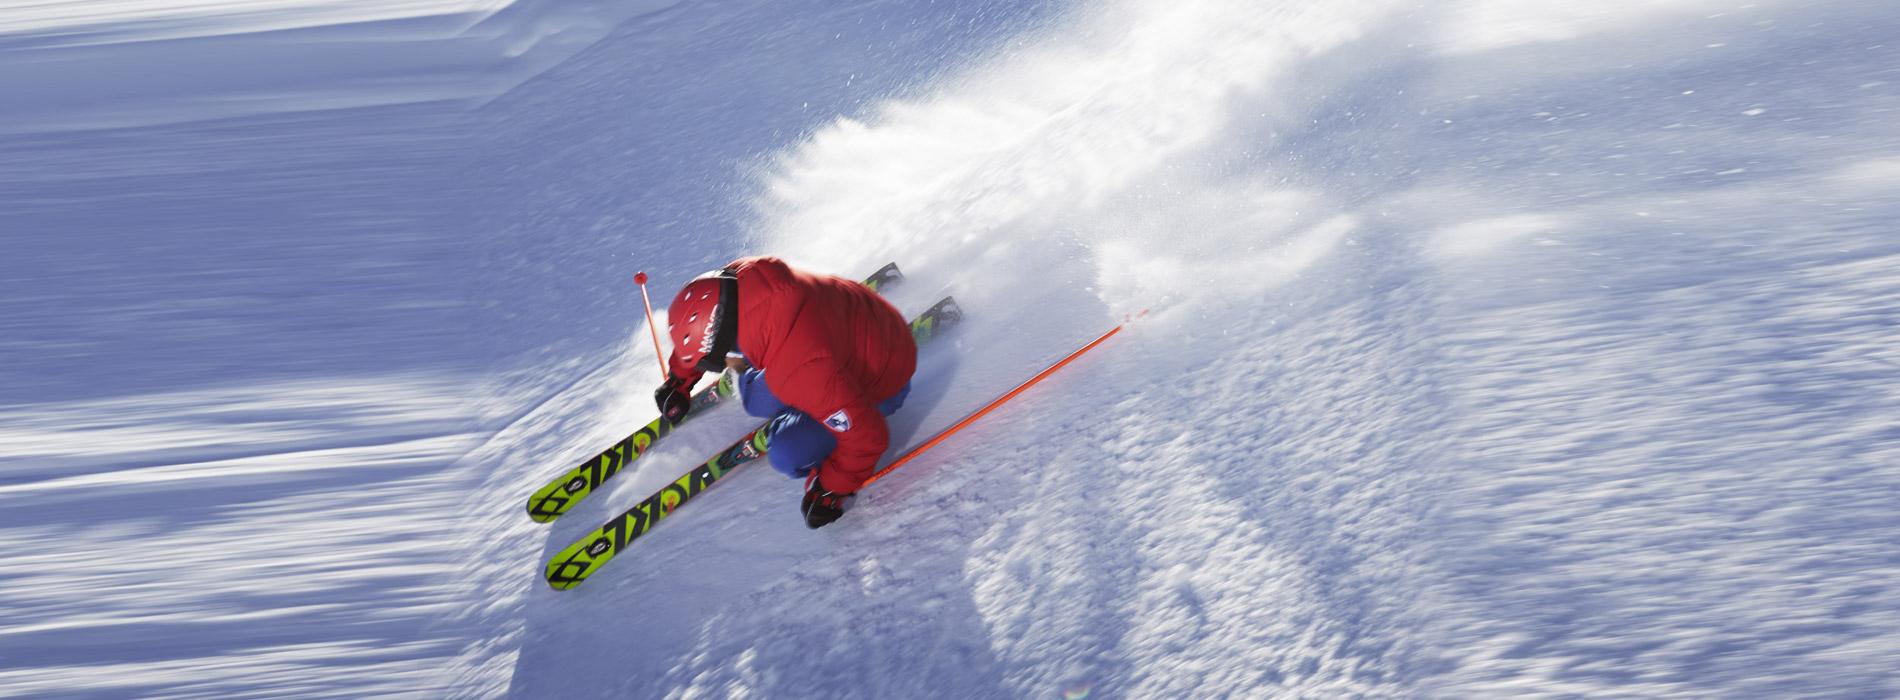 noleggio_sci_snowboard_cortina_d_ampezzo_sci-012